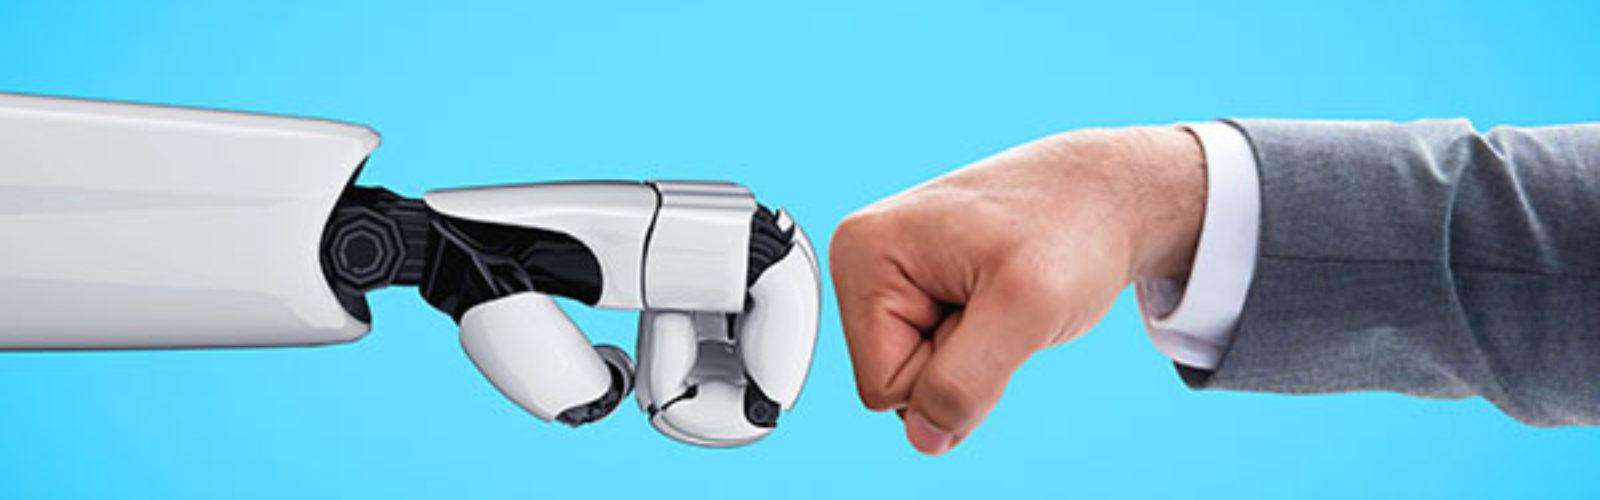 Robot and human hand(bs372648661)_web .jpg 1